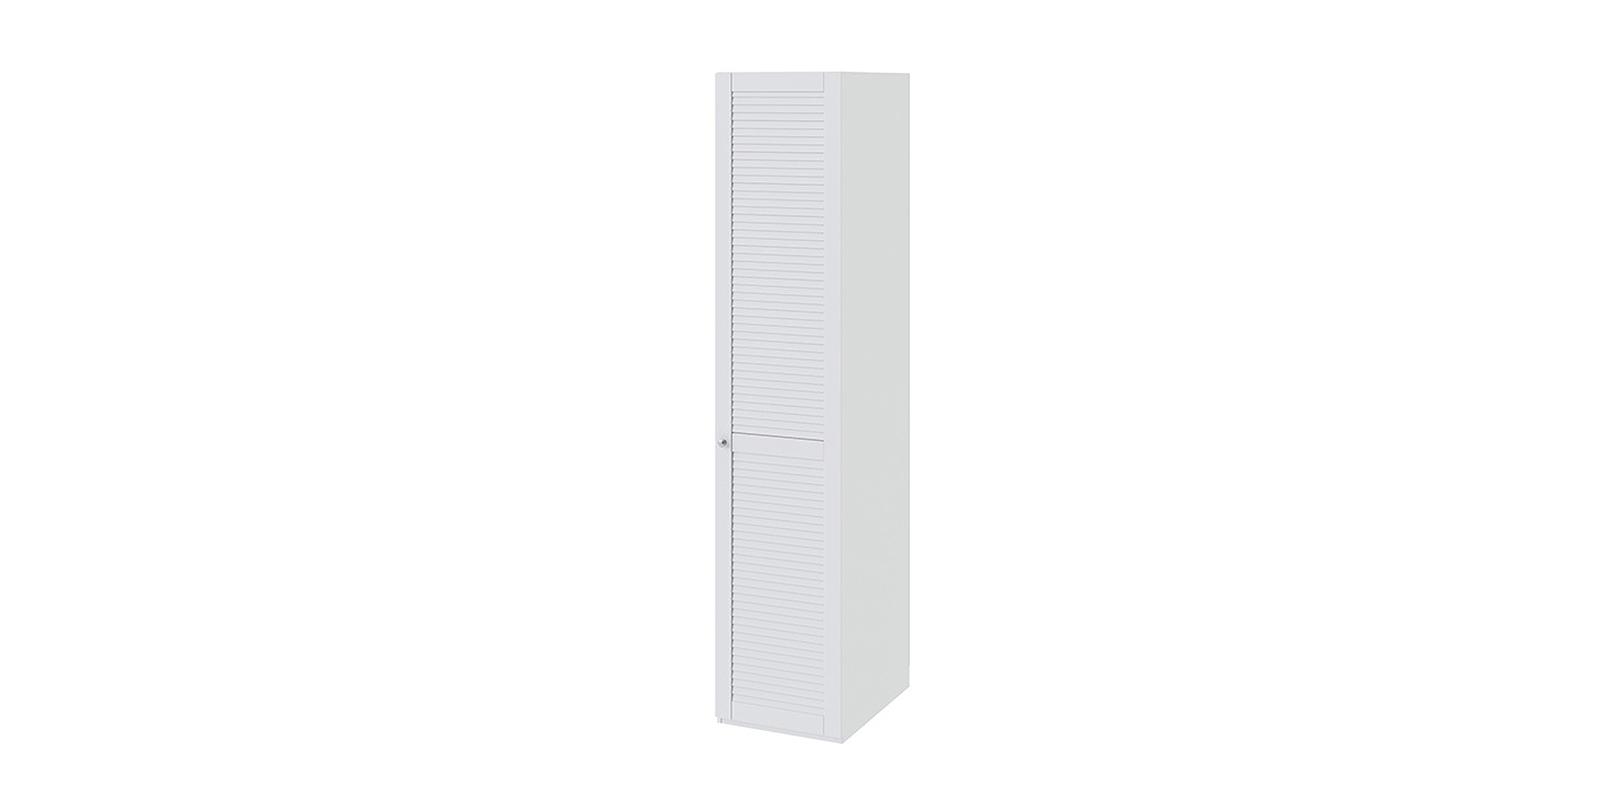 Шкаф распашной однодверный Мерида вариант №3 правый (белый)